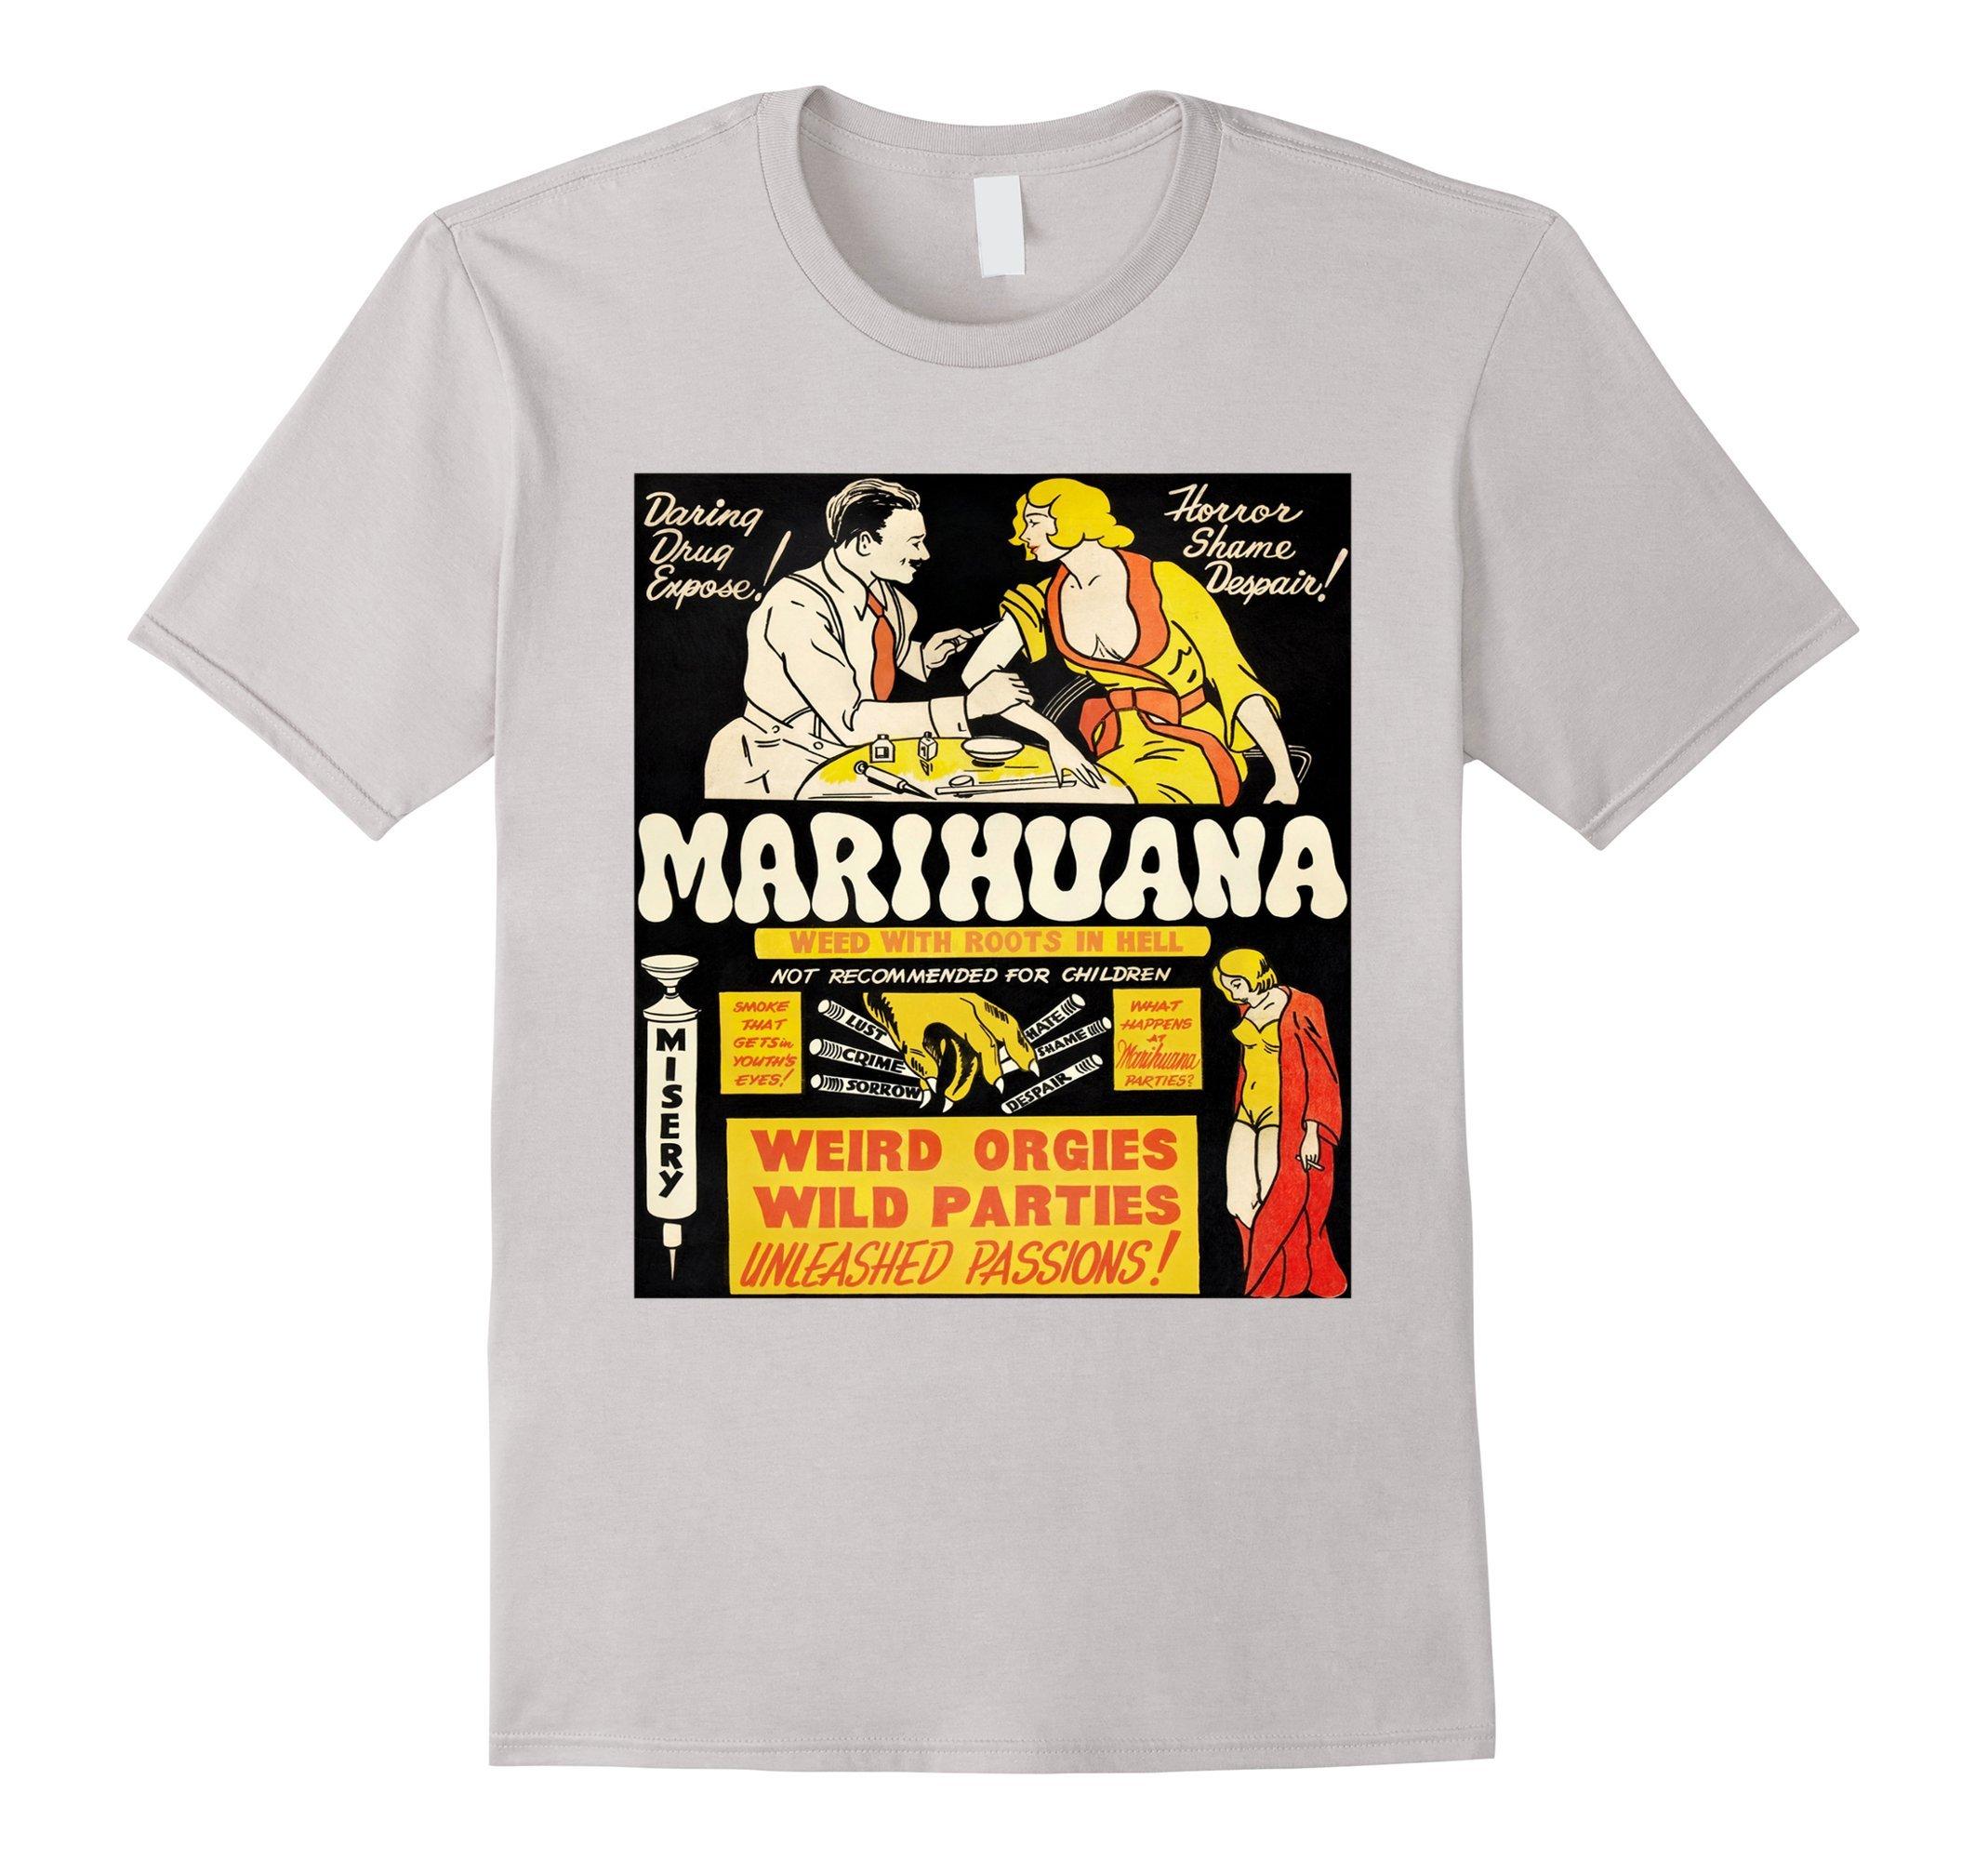 Marijuana Cannabis Propaganda Funny T-Shirt Graphic Tee Weed